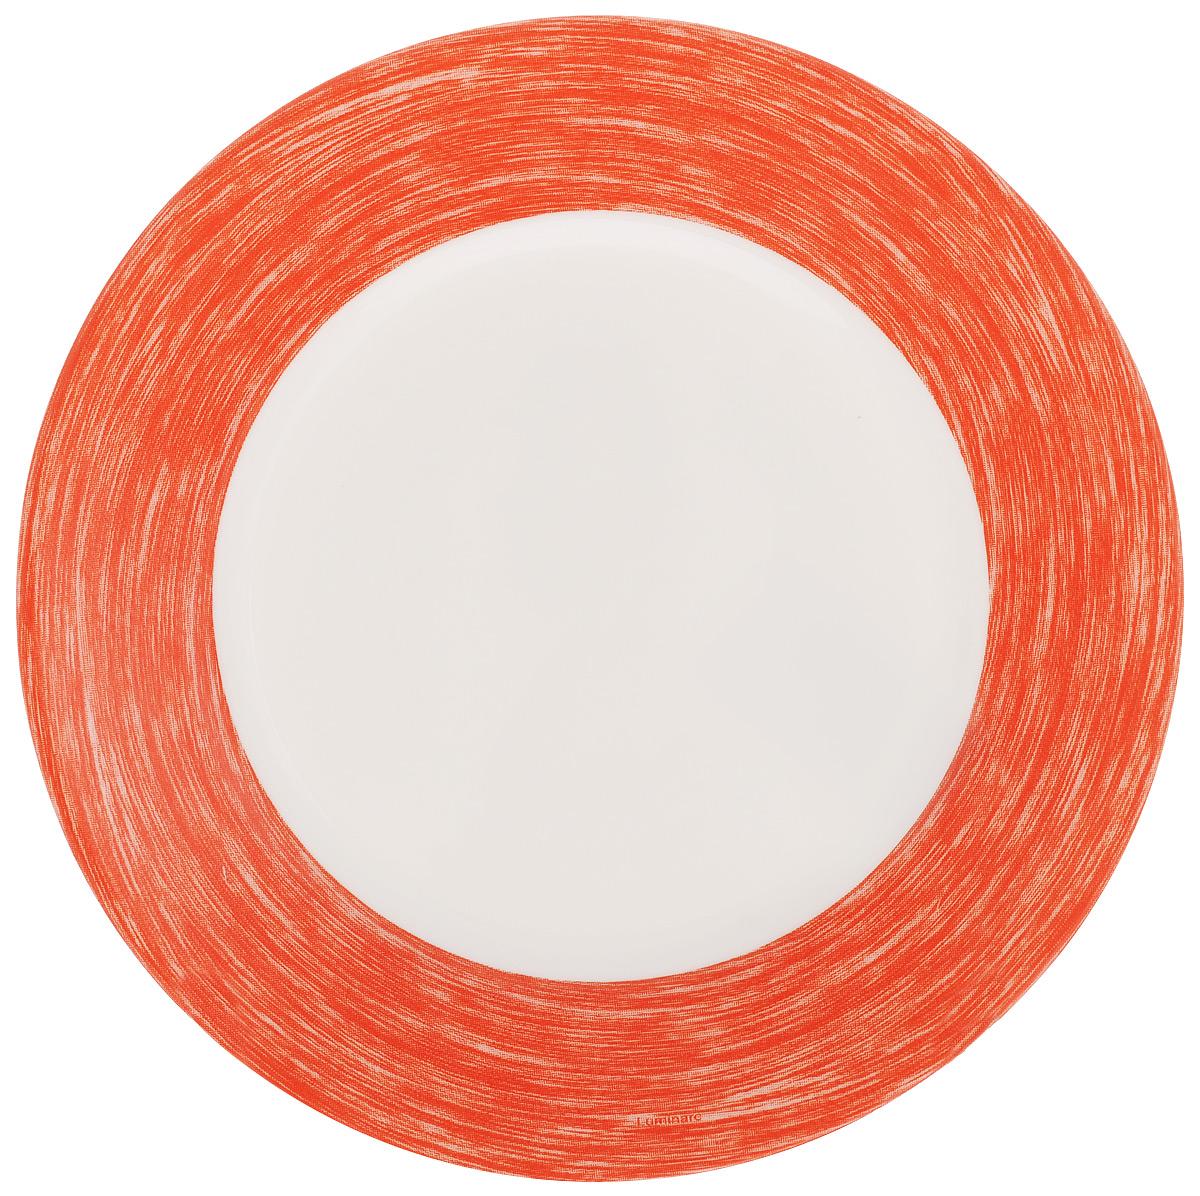 Тарелка десертная Luminarc Color Days Red, диаметр 19 смL1527Десертная тарелка Luminarc Color Days Red, изготовленная из ударопрочного стекла, имеет изысканный внешний вид. Такая тарелка прекрасно подходит как для торжественных случаев, так и для повседневного использования. Идеальна для подачи десертов, пирожных, тортов и многого другого. Она прекрасно оформит стол и станет отличным дополнением к вашей коллекции кухонной посуды. Диаметр тарелки (по верхнему краю): 19 см.